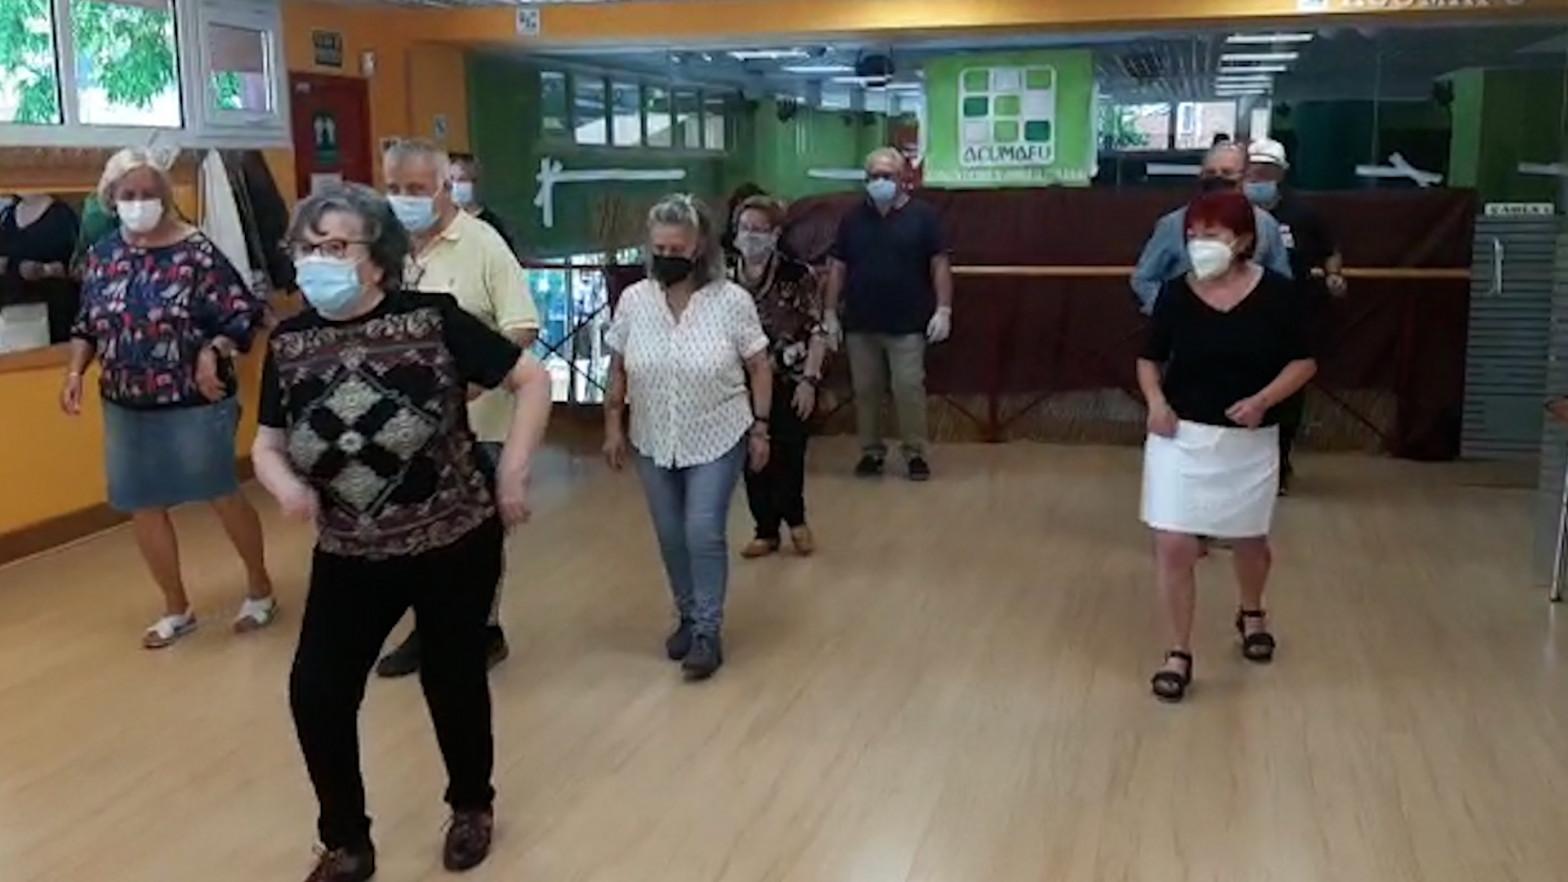 El guateque más esperado: 103 mayores (vacunados) vuelven a la 'discoteca' antes que sus nietos